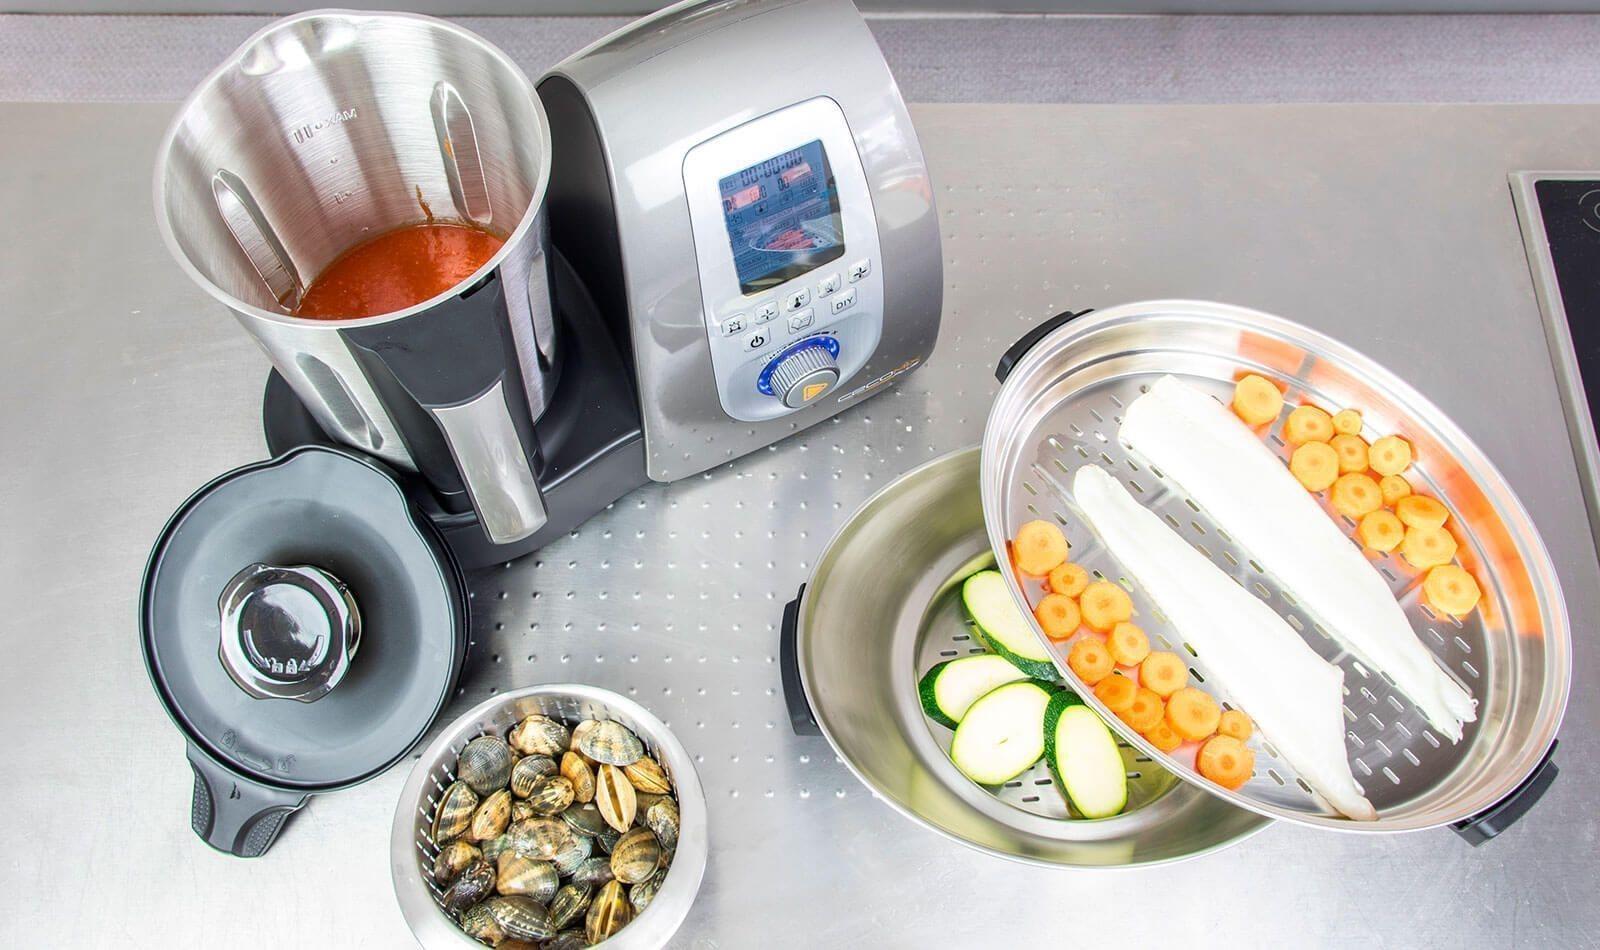 Opiniones Robots De Cocina Cecomix Plus 4